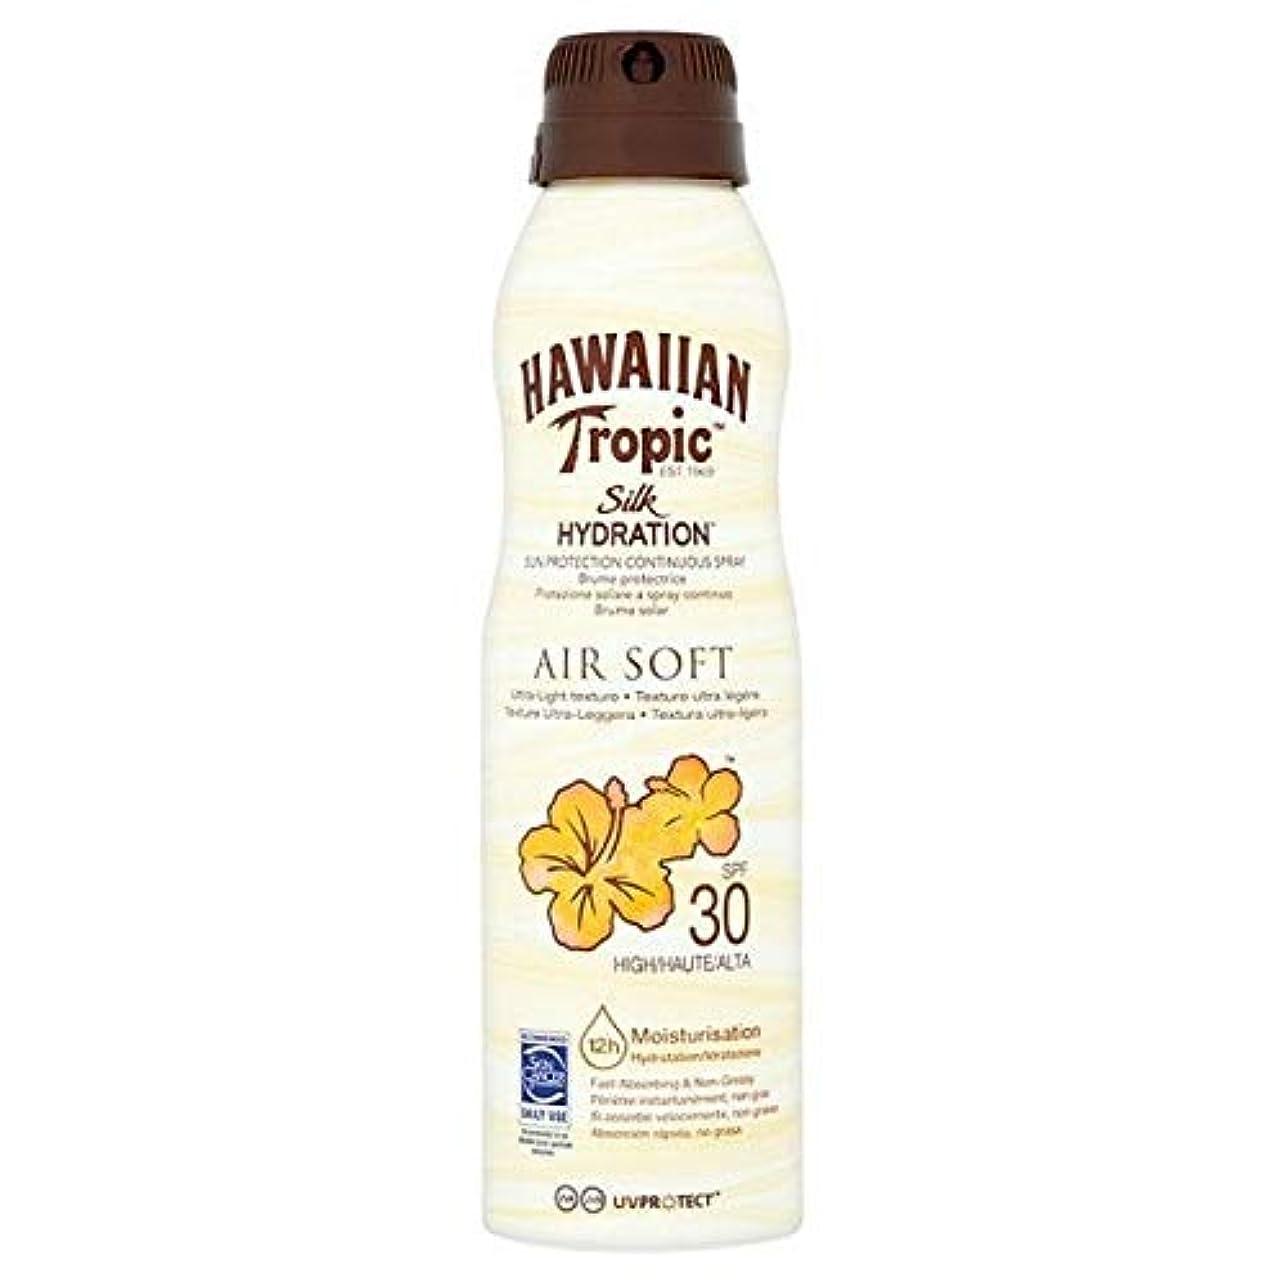 ポータブル沼地緩む[Hawaiian Tropic ] H /向性絹水和エアガン連続スプレーSpf30の177ミリリットル - H/Tropic Silk Hydration Airsoft Continuous Spray SPF30...